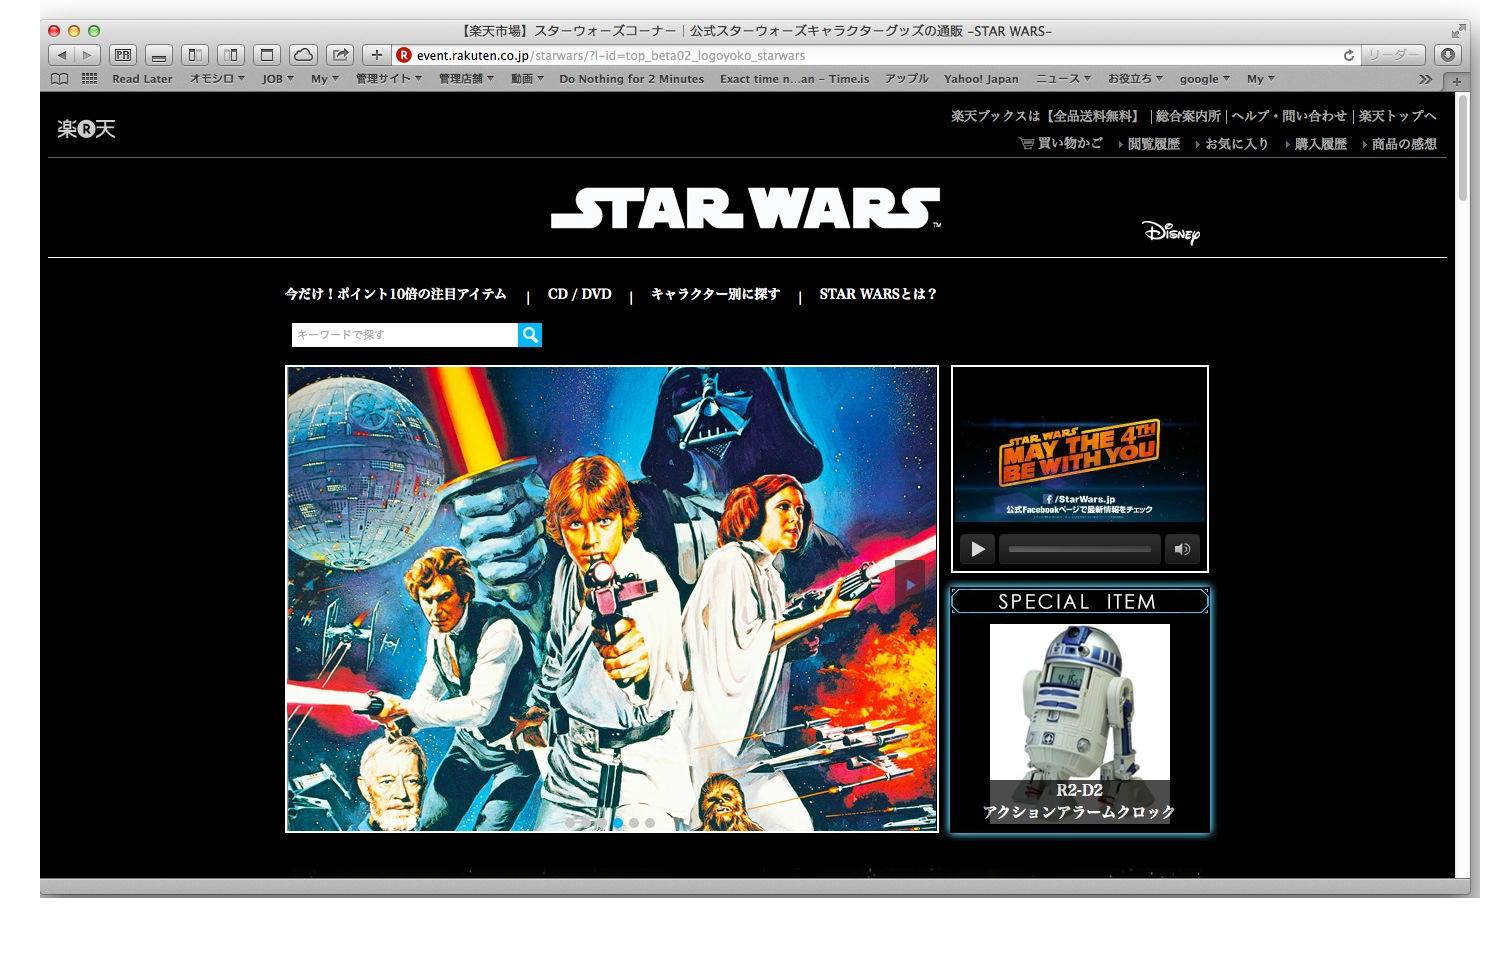 5月4日はスターウォーズの日!楽天市場に公式グッズ特集ページが期間限定でオープン!